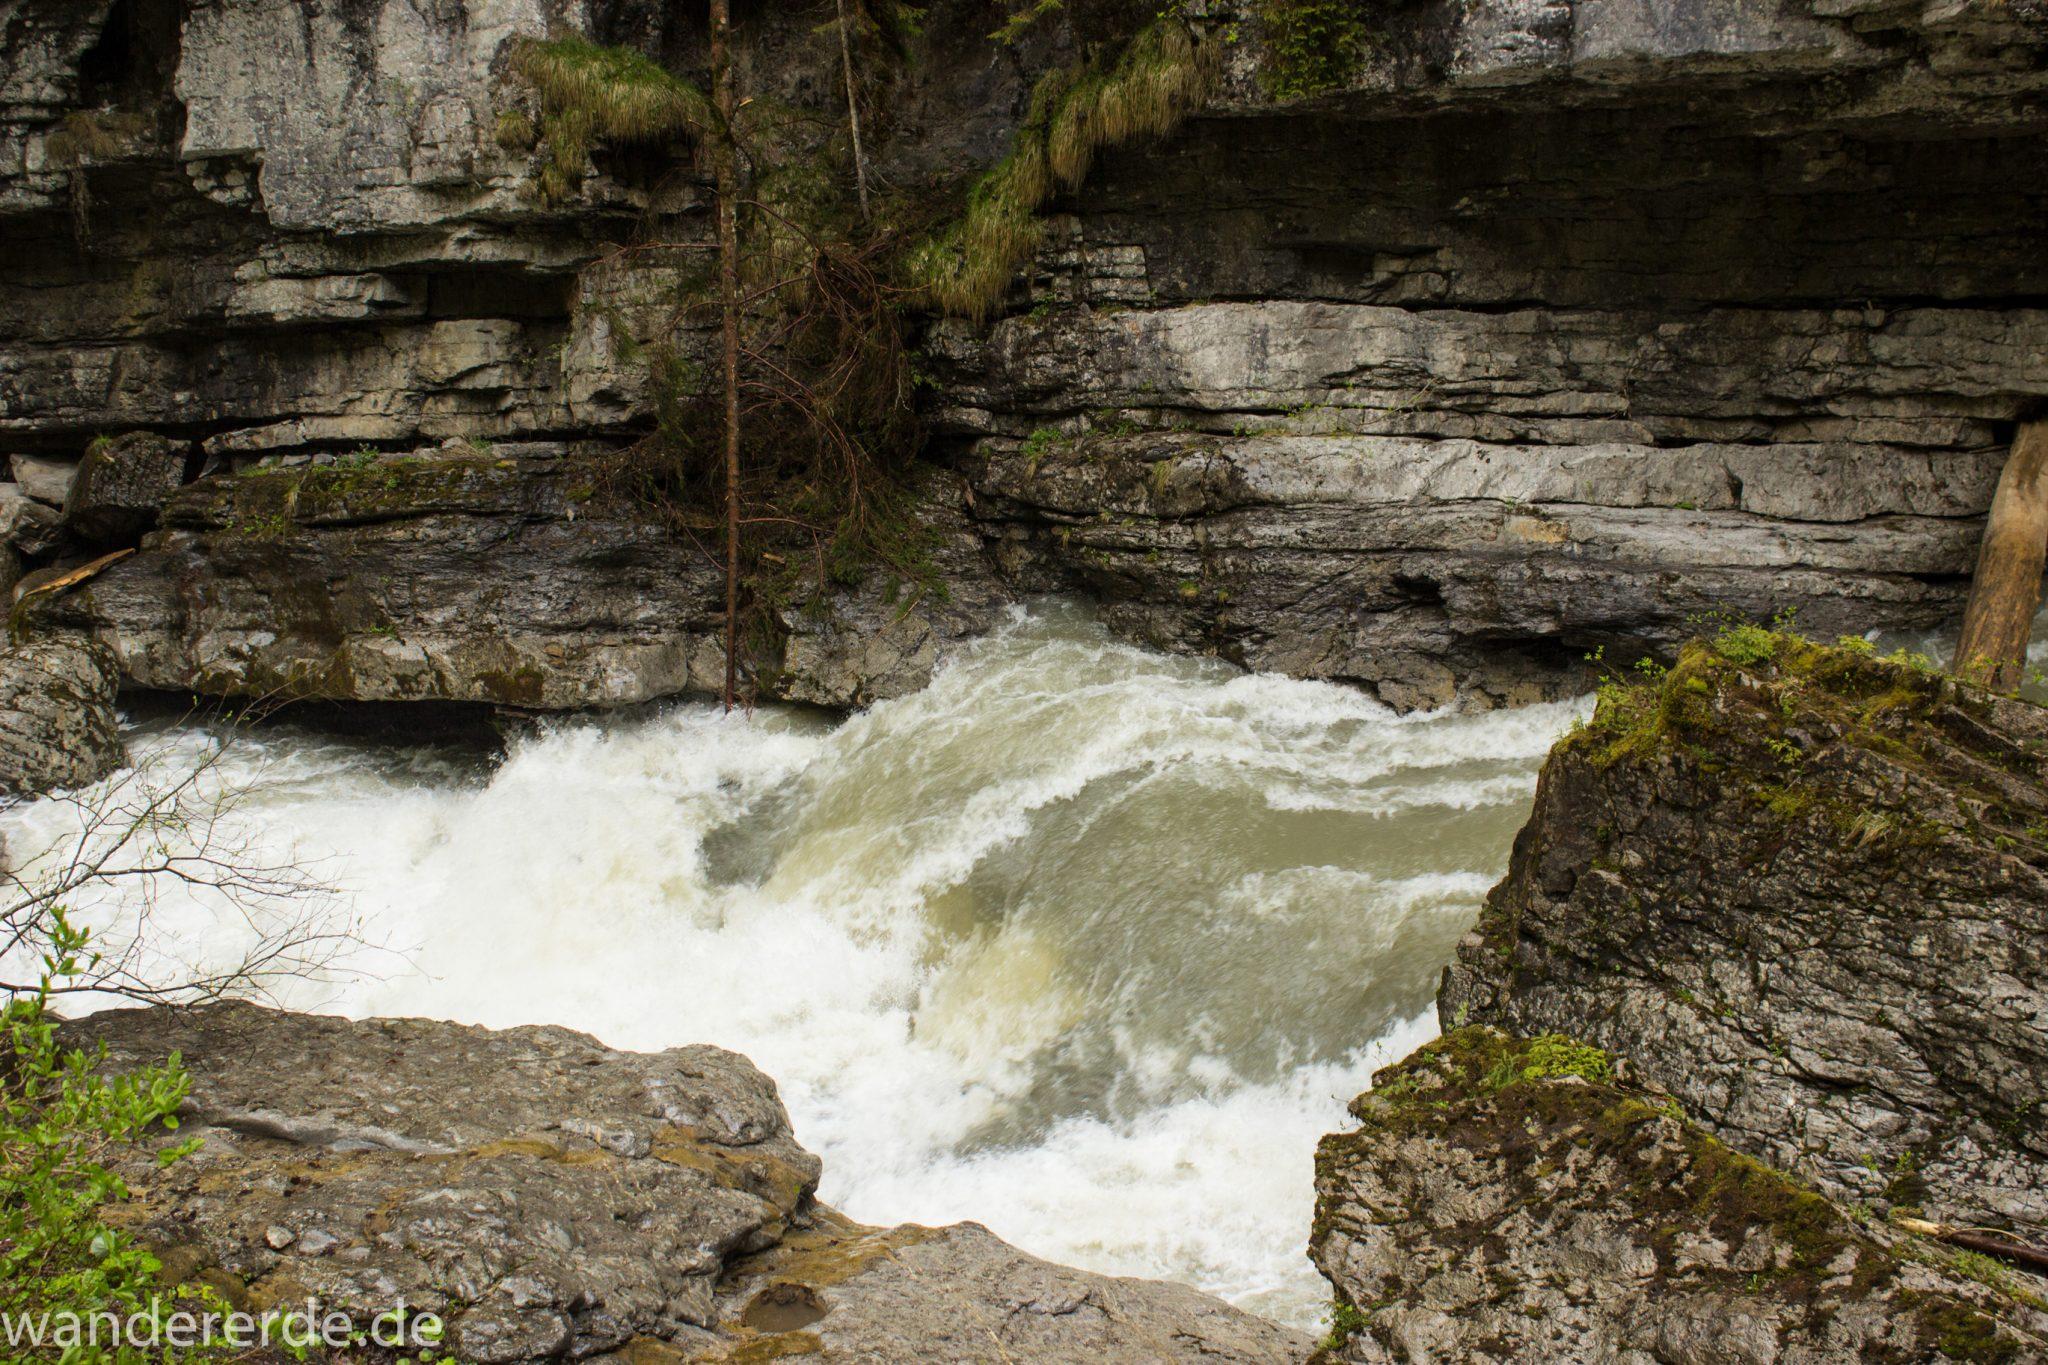 Wanderung durch die Breitachklamm im Allgäu, hohe Felswände, tosende Breitach nach starkem Regen, Klamm umgeben von schönem Wald, Felsen im Fluss, Schneeschmelze im Allgäu